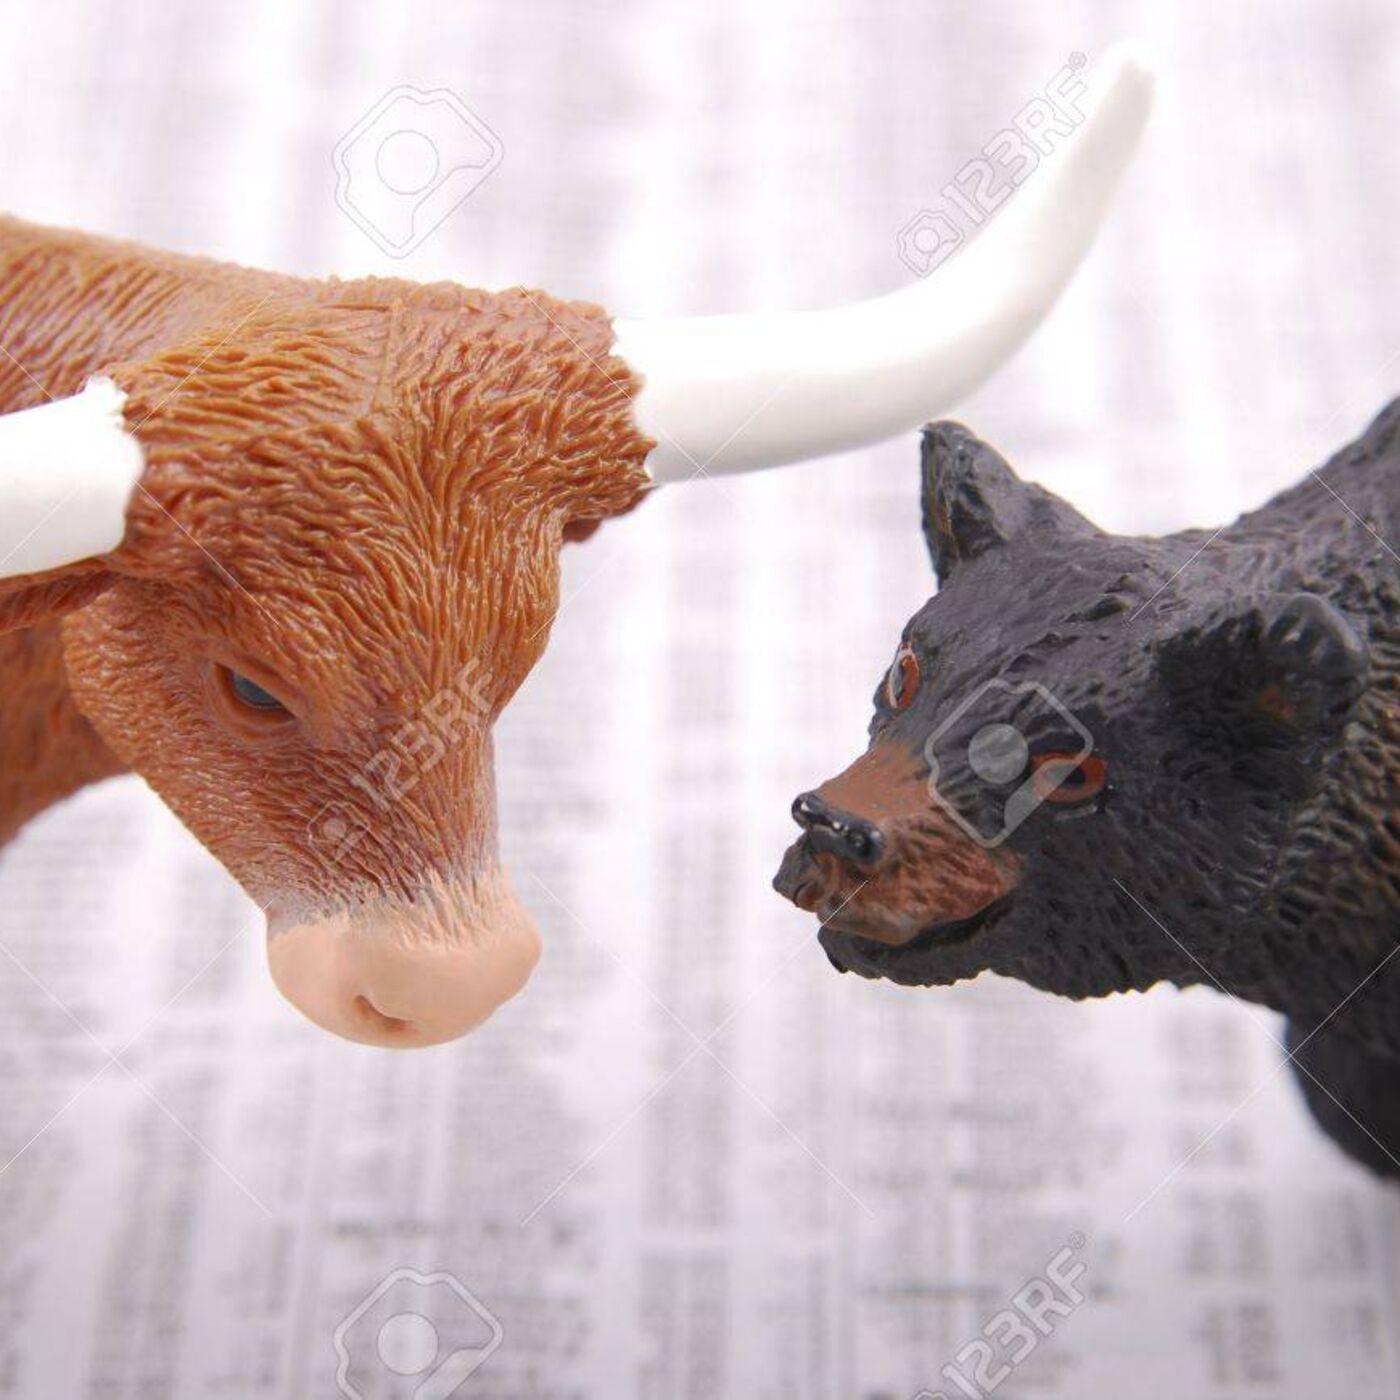 Bears vs Bulls - David Stockman vs Logan Mohtashami